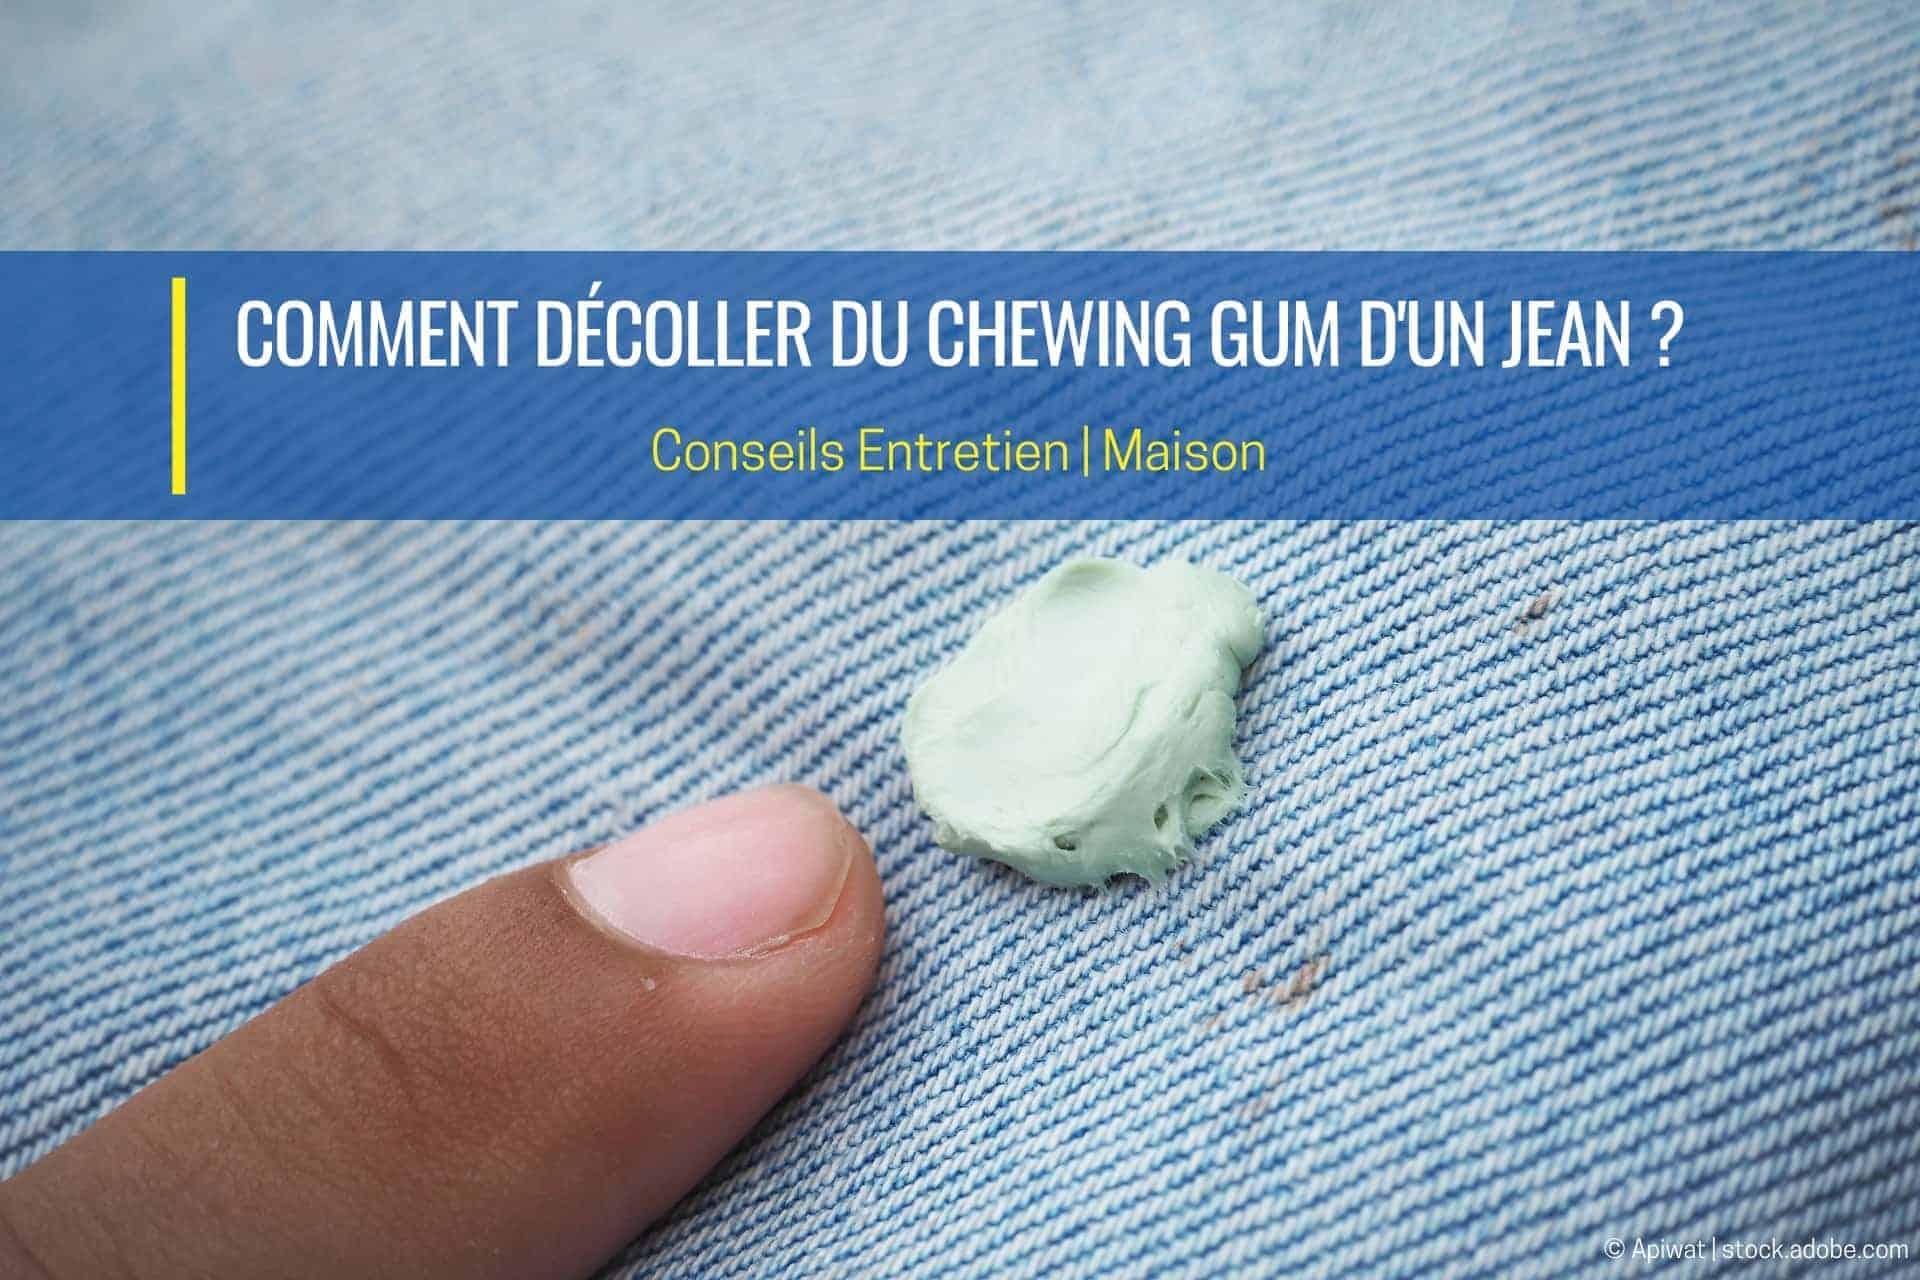 comment décoller du chewing gum dun jean